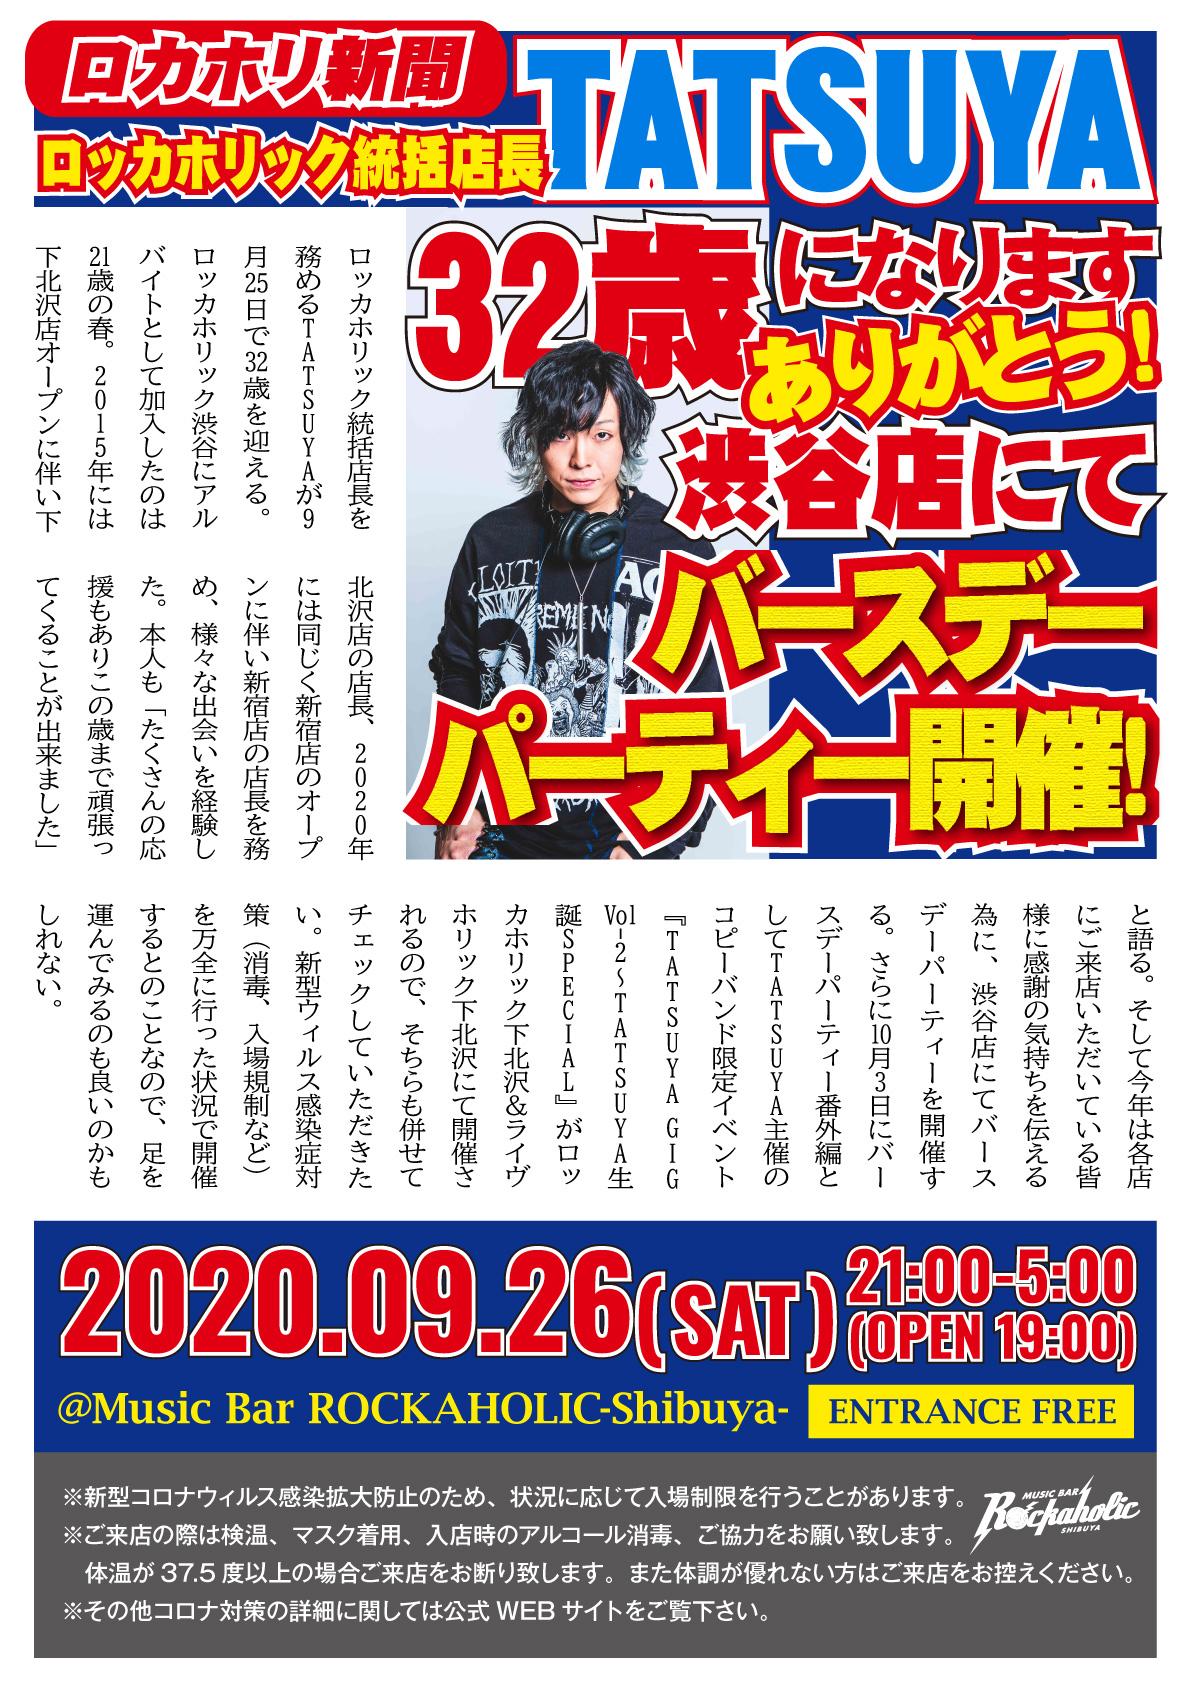 https://bar-rockaholic.jp/shibuya/blog/IMG_20200915_031112.jpg